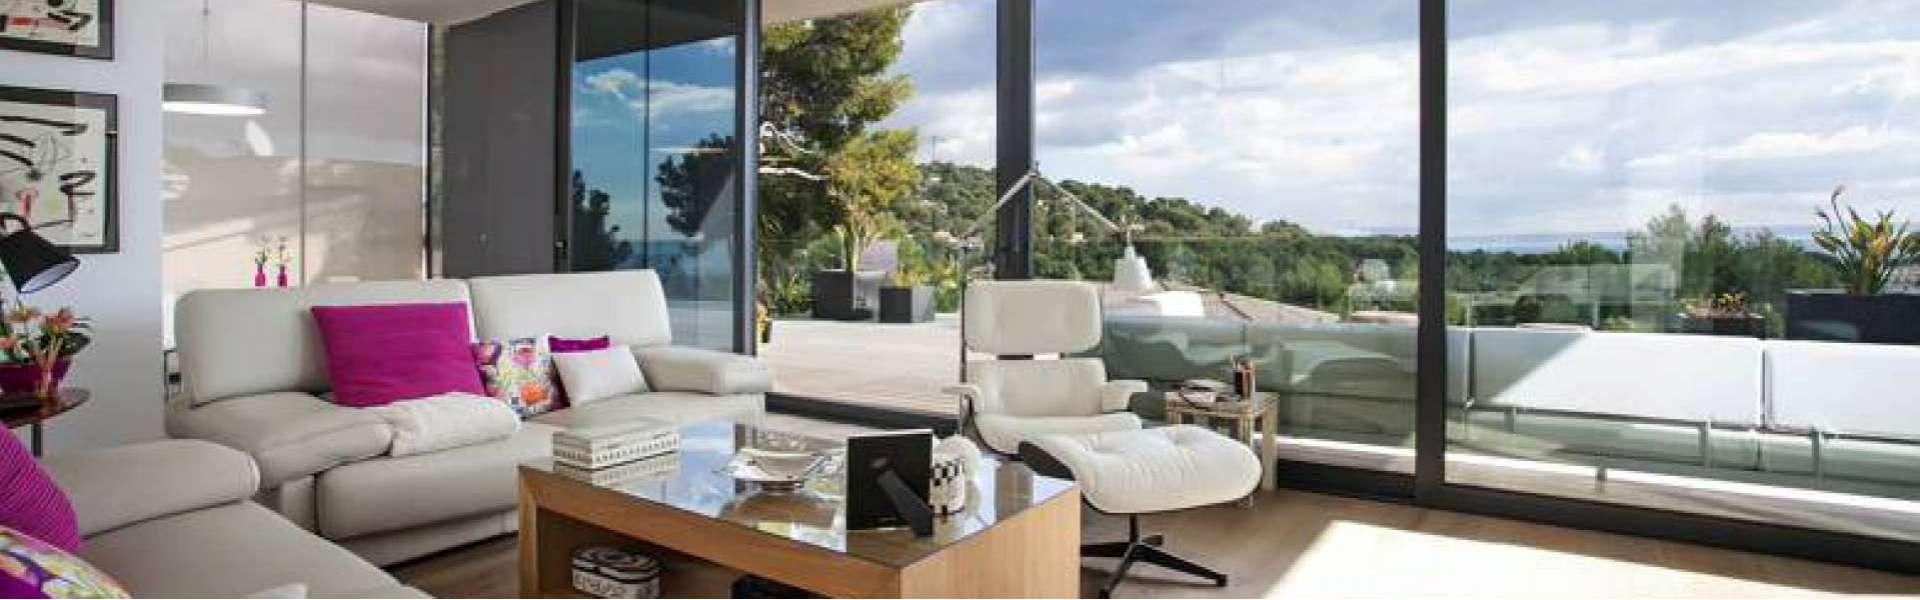 Costa d'en Blanes - Impresionante villa a la venta